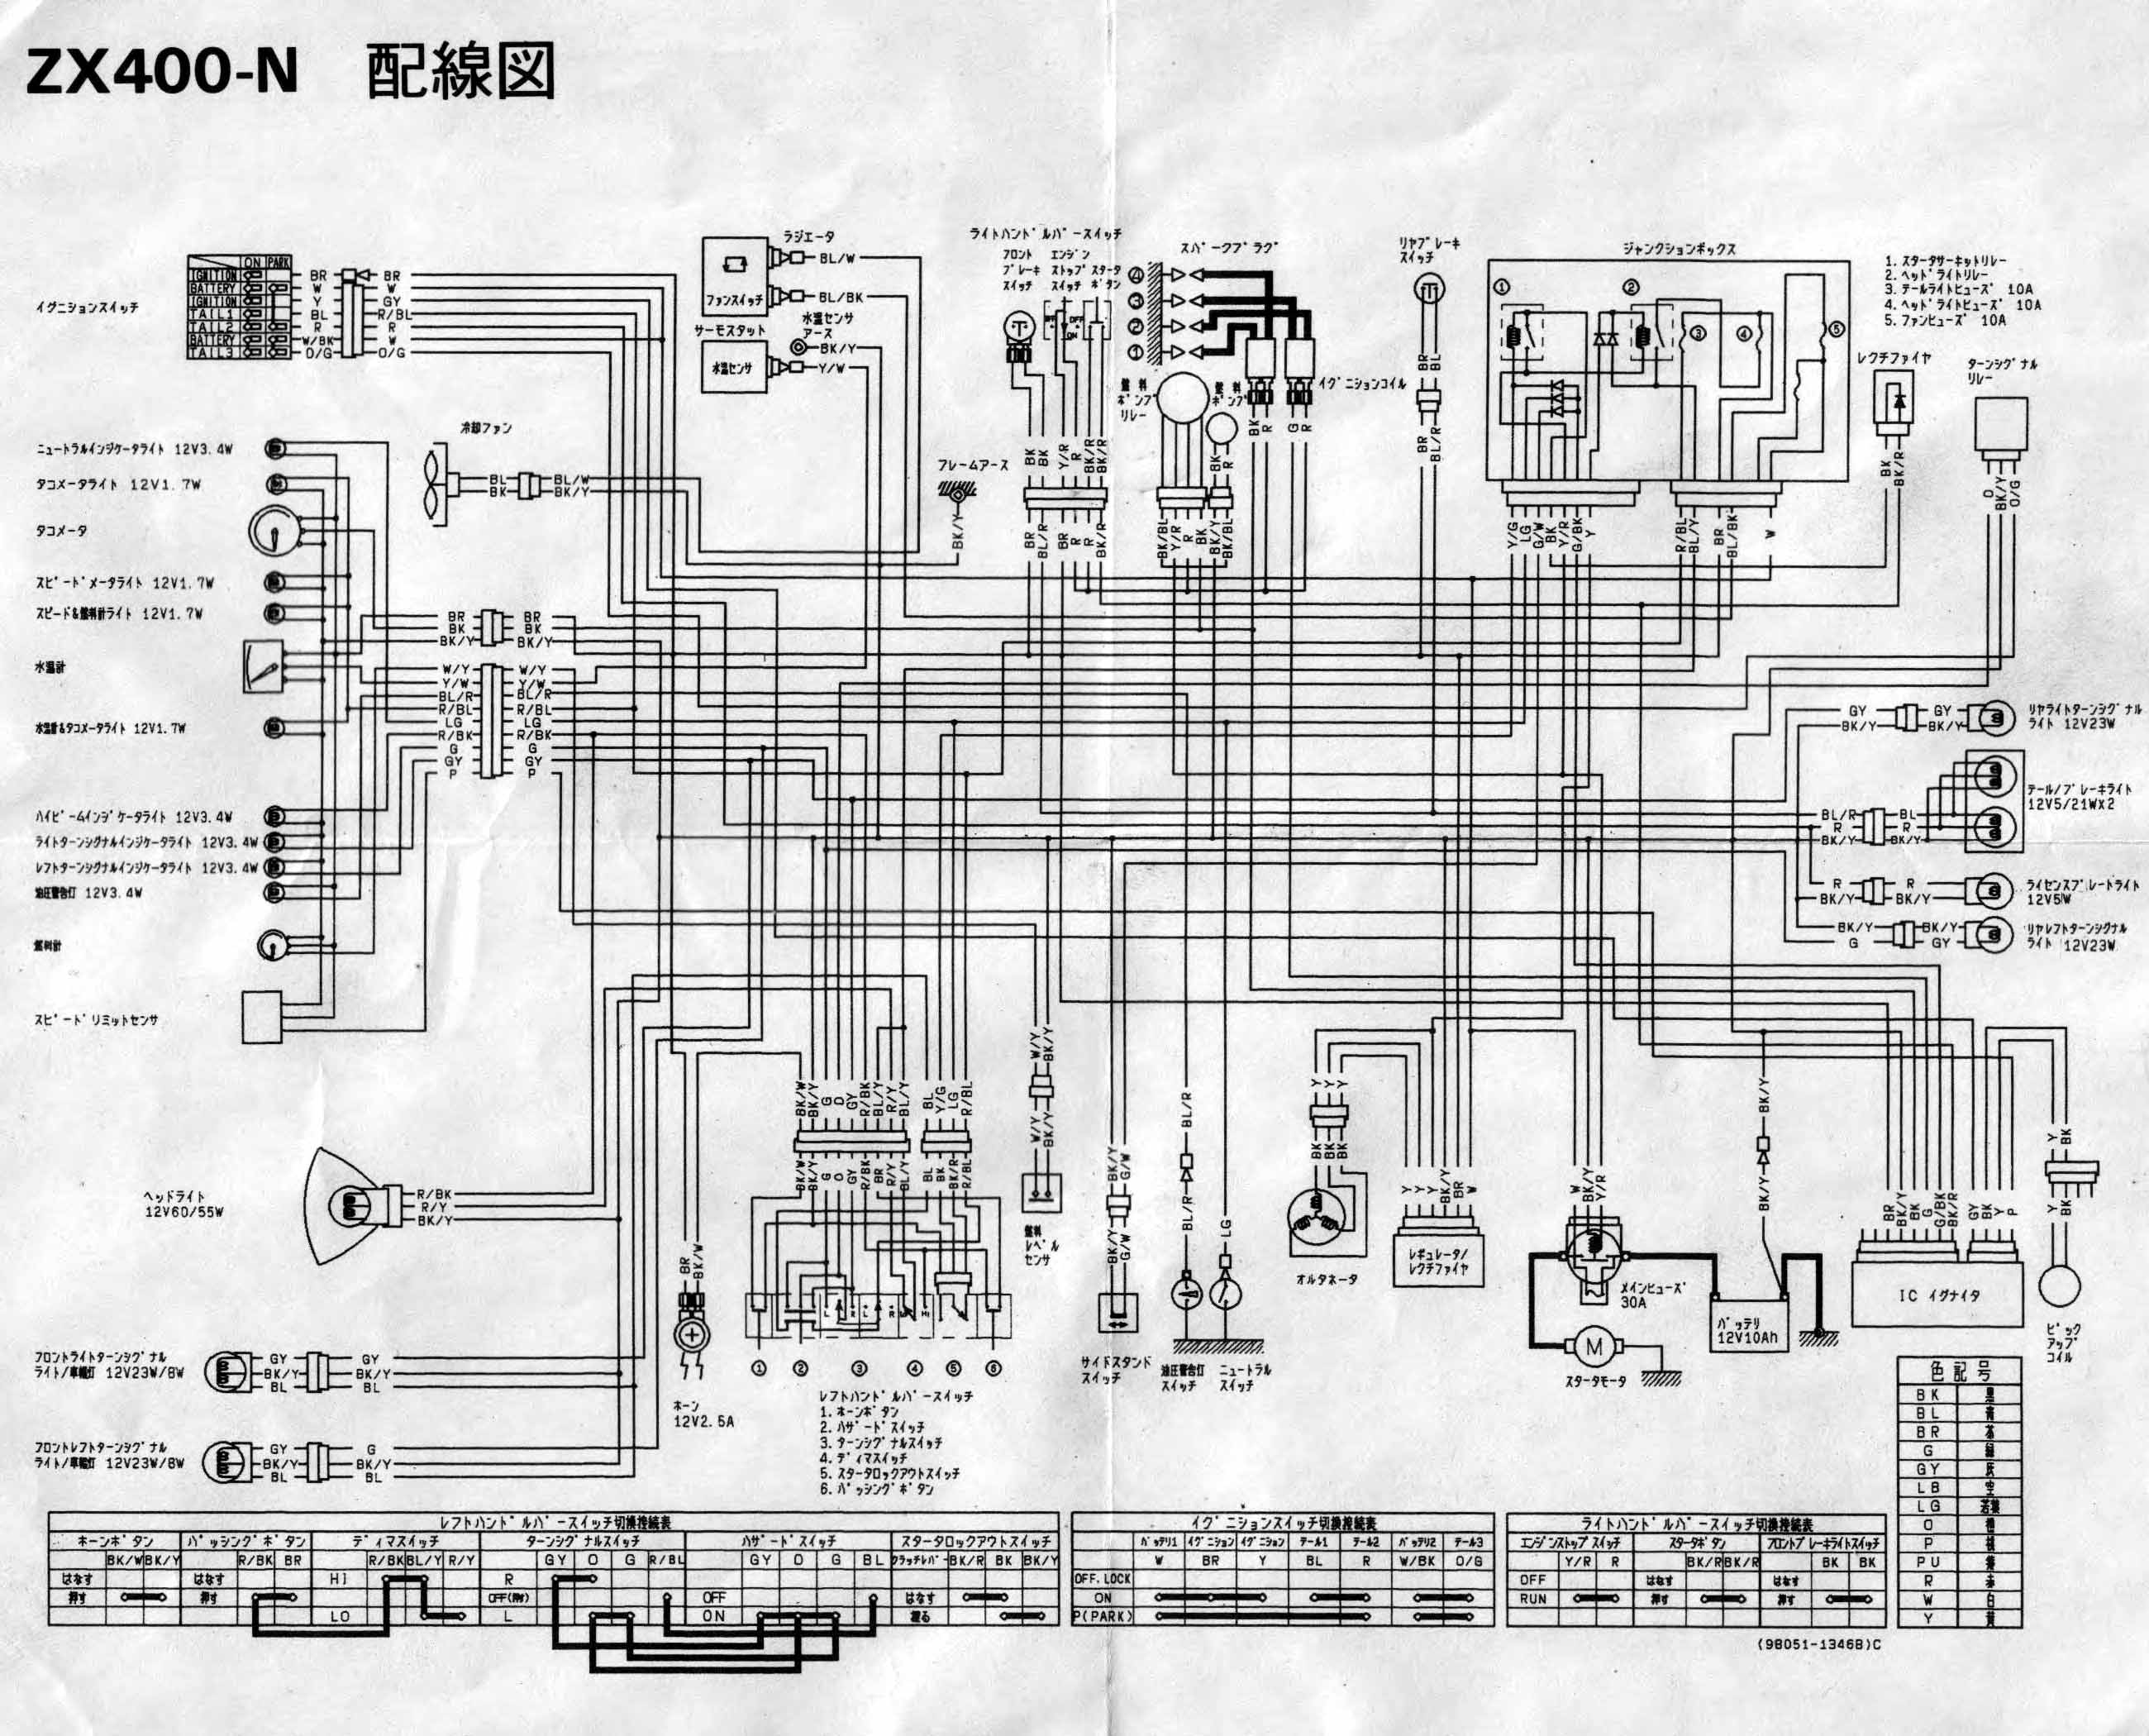 2006 Kawasaki 360 Wiring Diagram Schematic Diagrams 1987 Motorcycle Automotive U2022 Of Carburetors